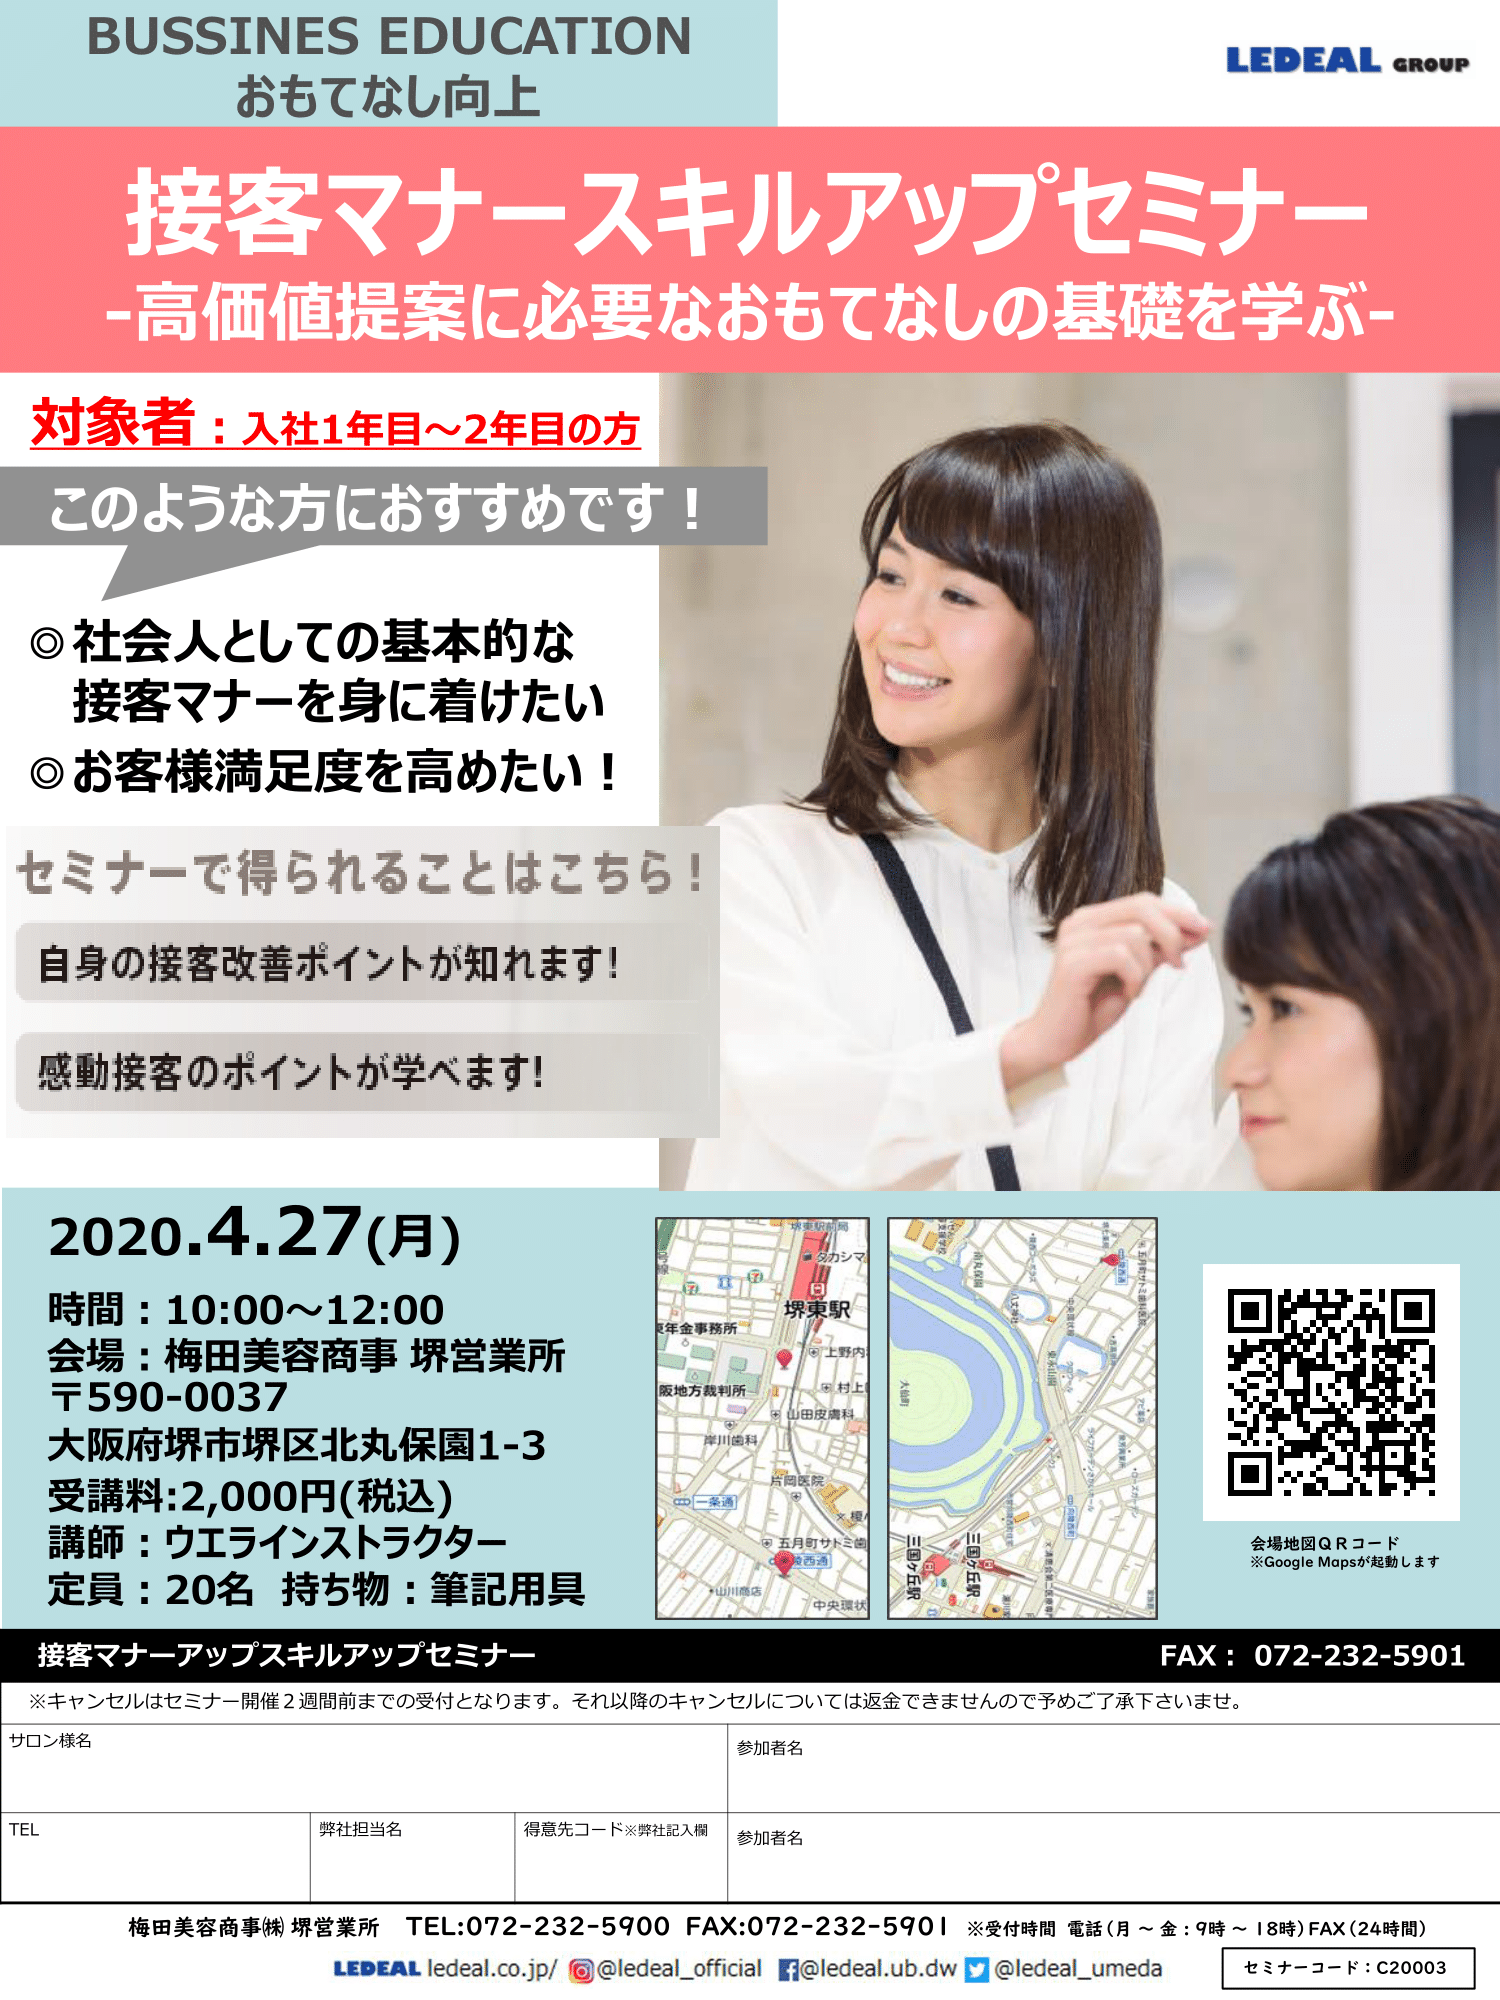 【堺】接客マナースキルアップセミナー